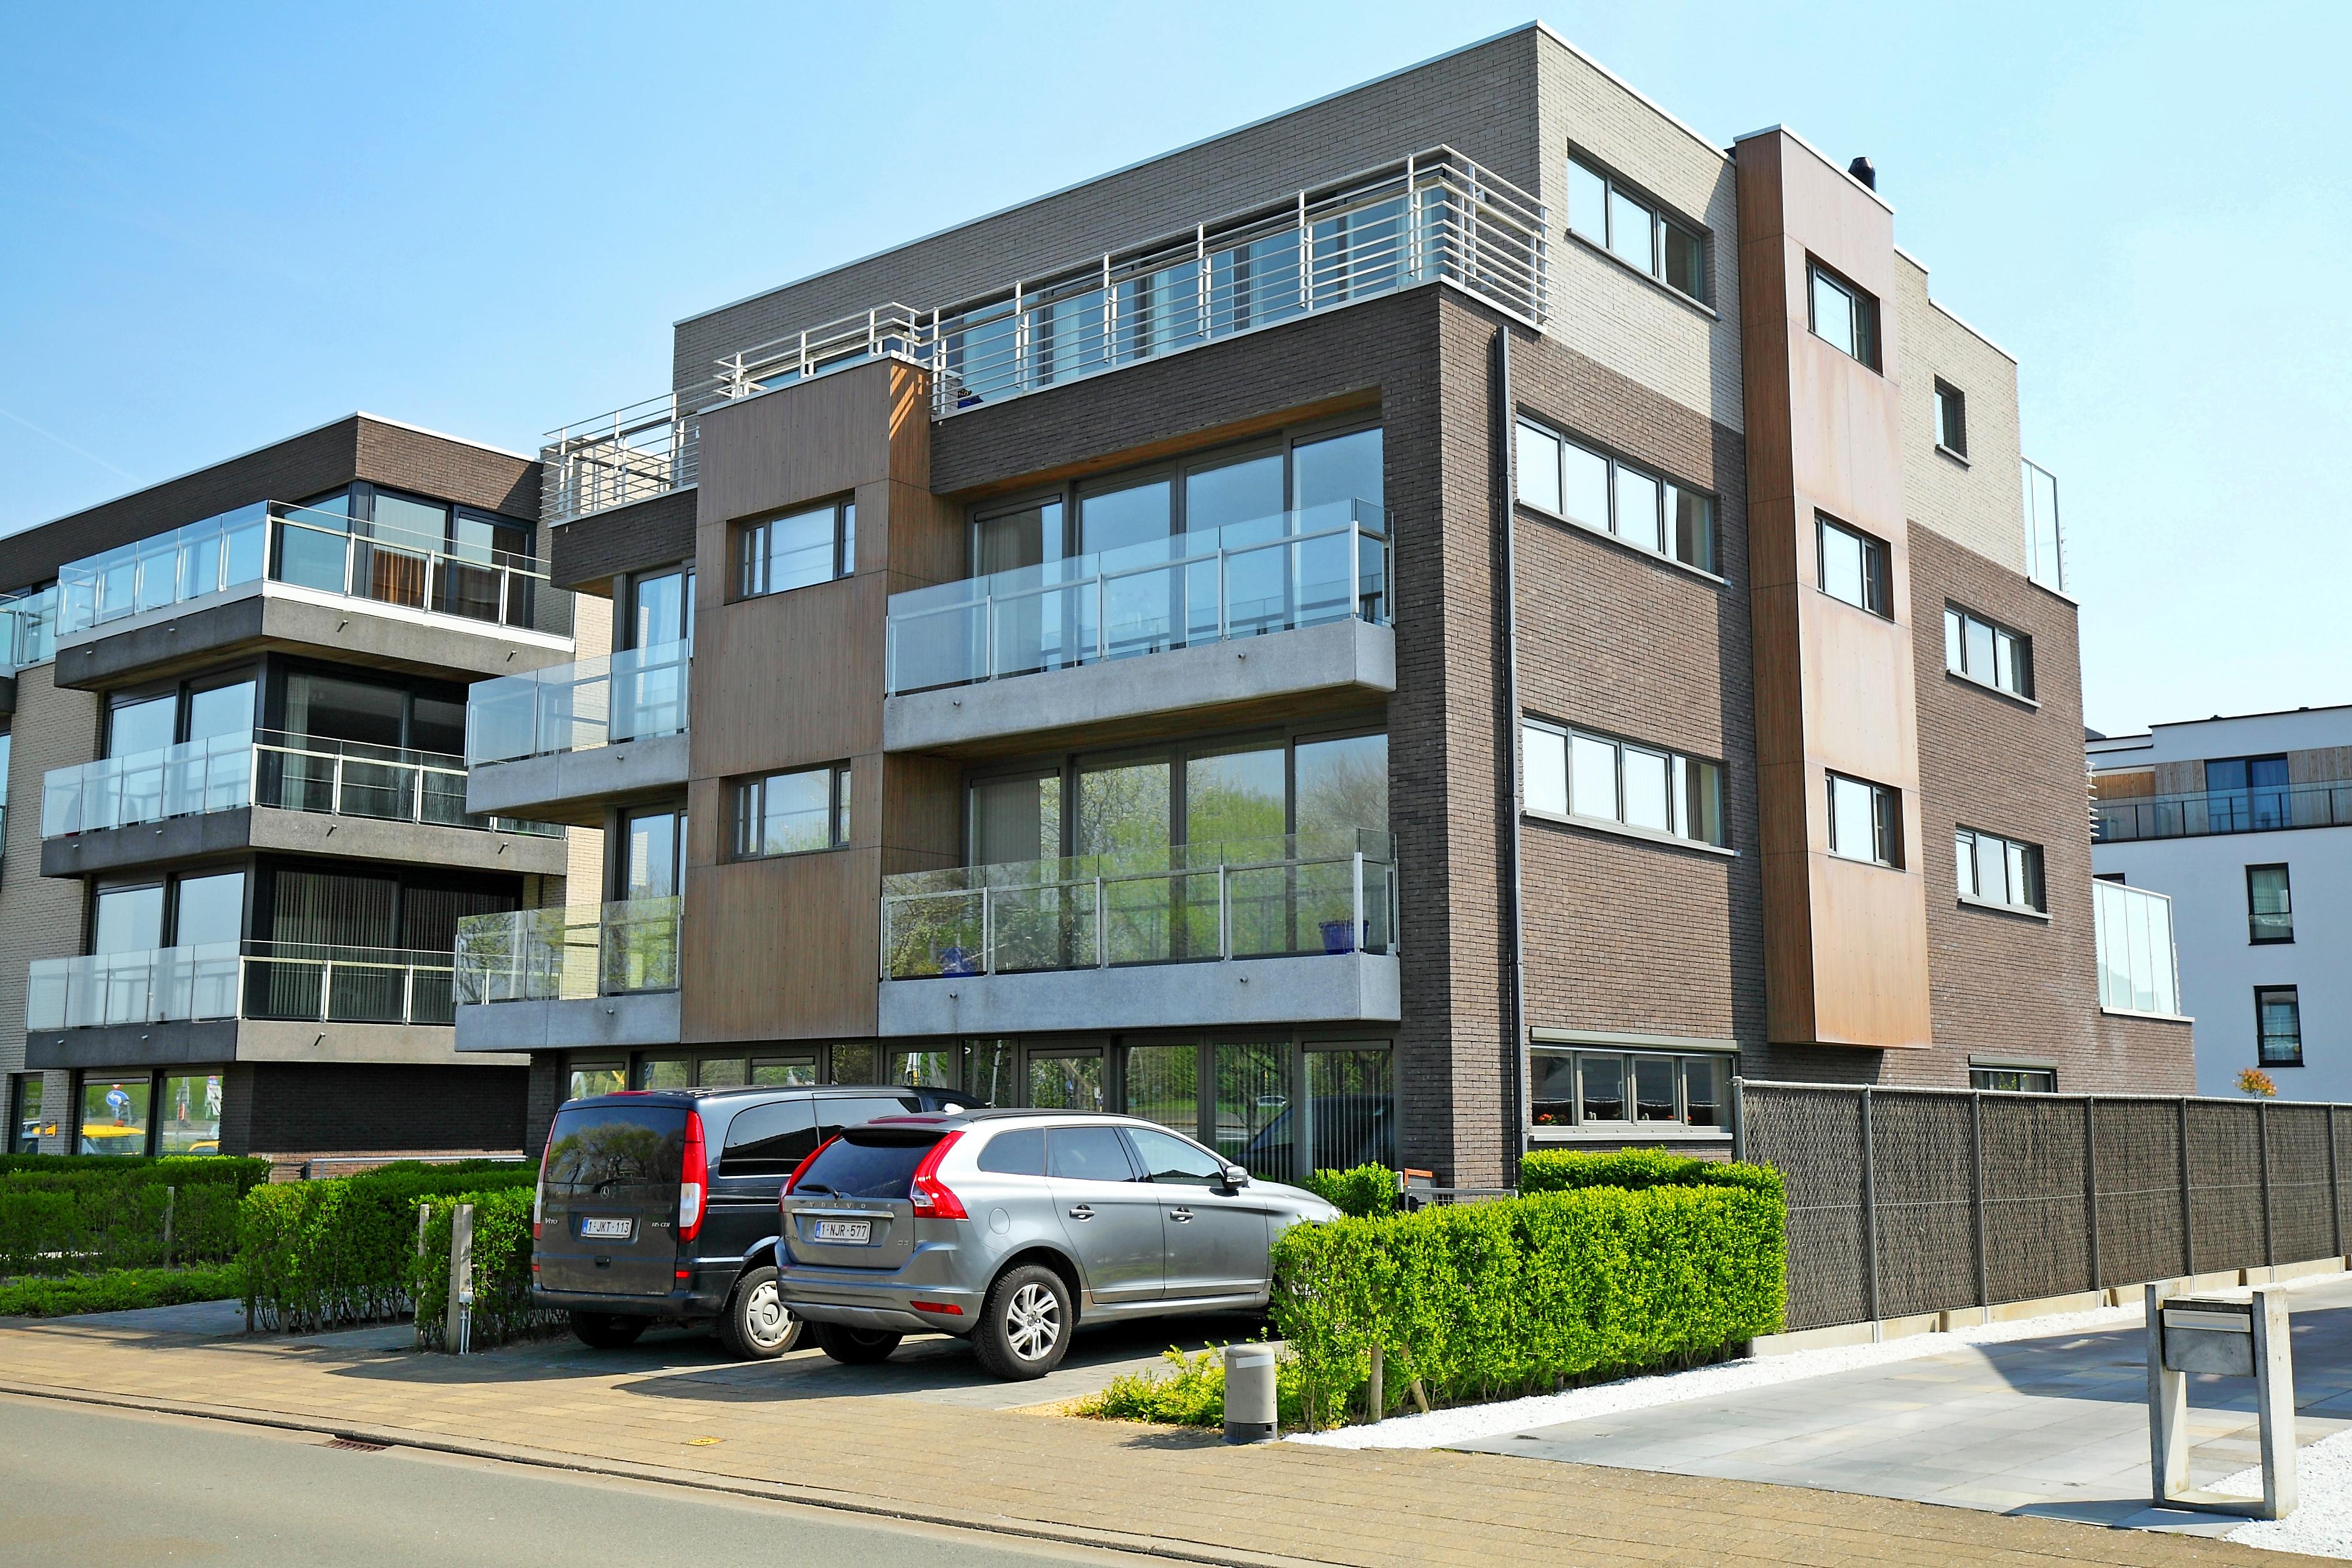 ferienwohnung residentie mistral in bredene belgien interhome. Black Bedroom Furniture Sets. Home Design Ideas